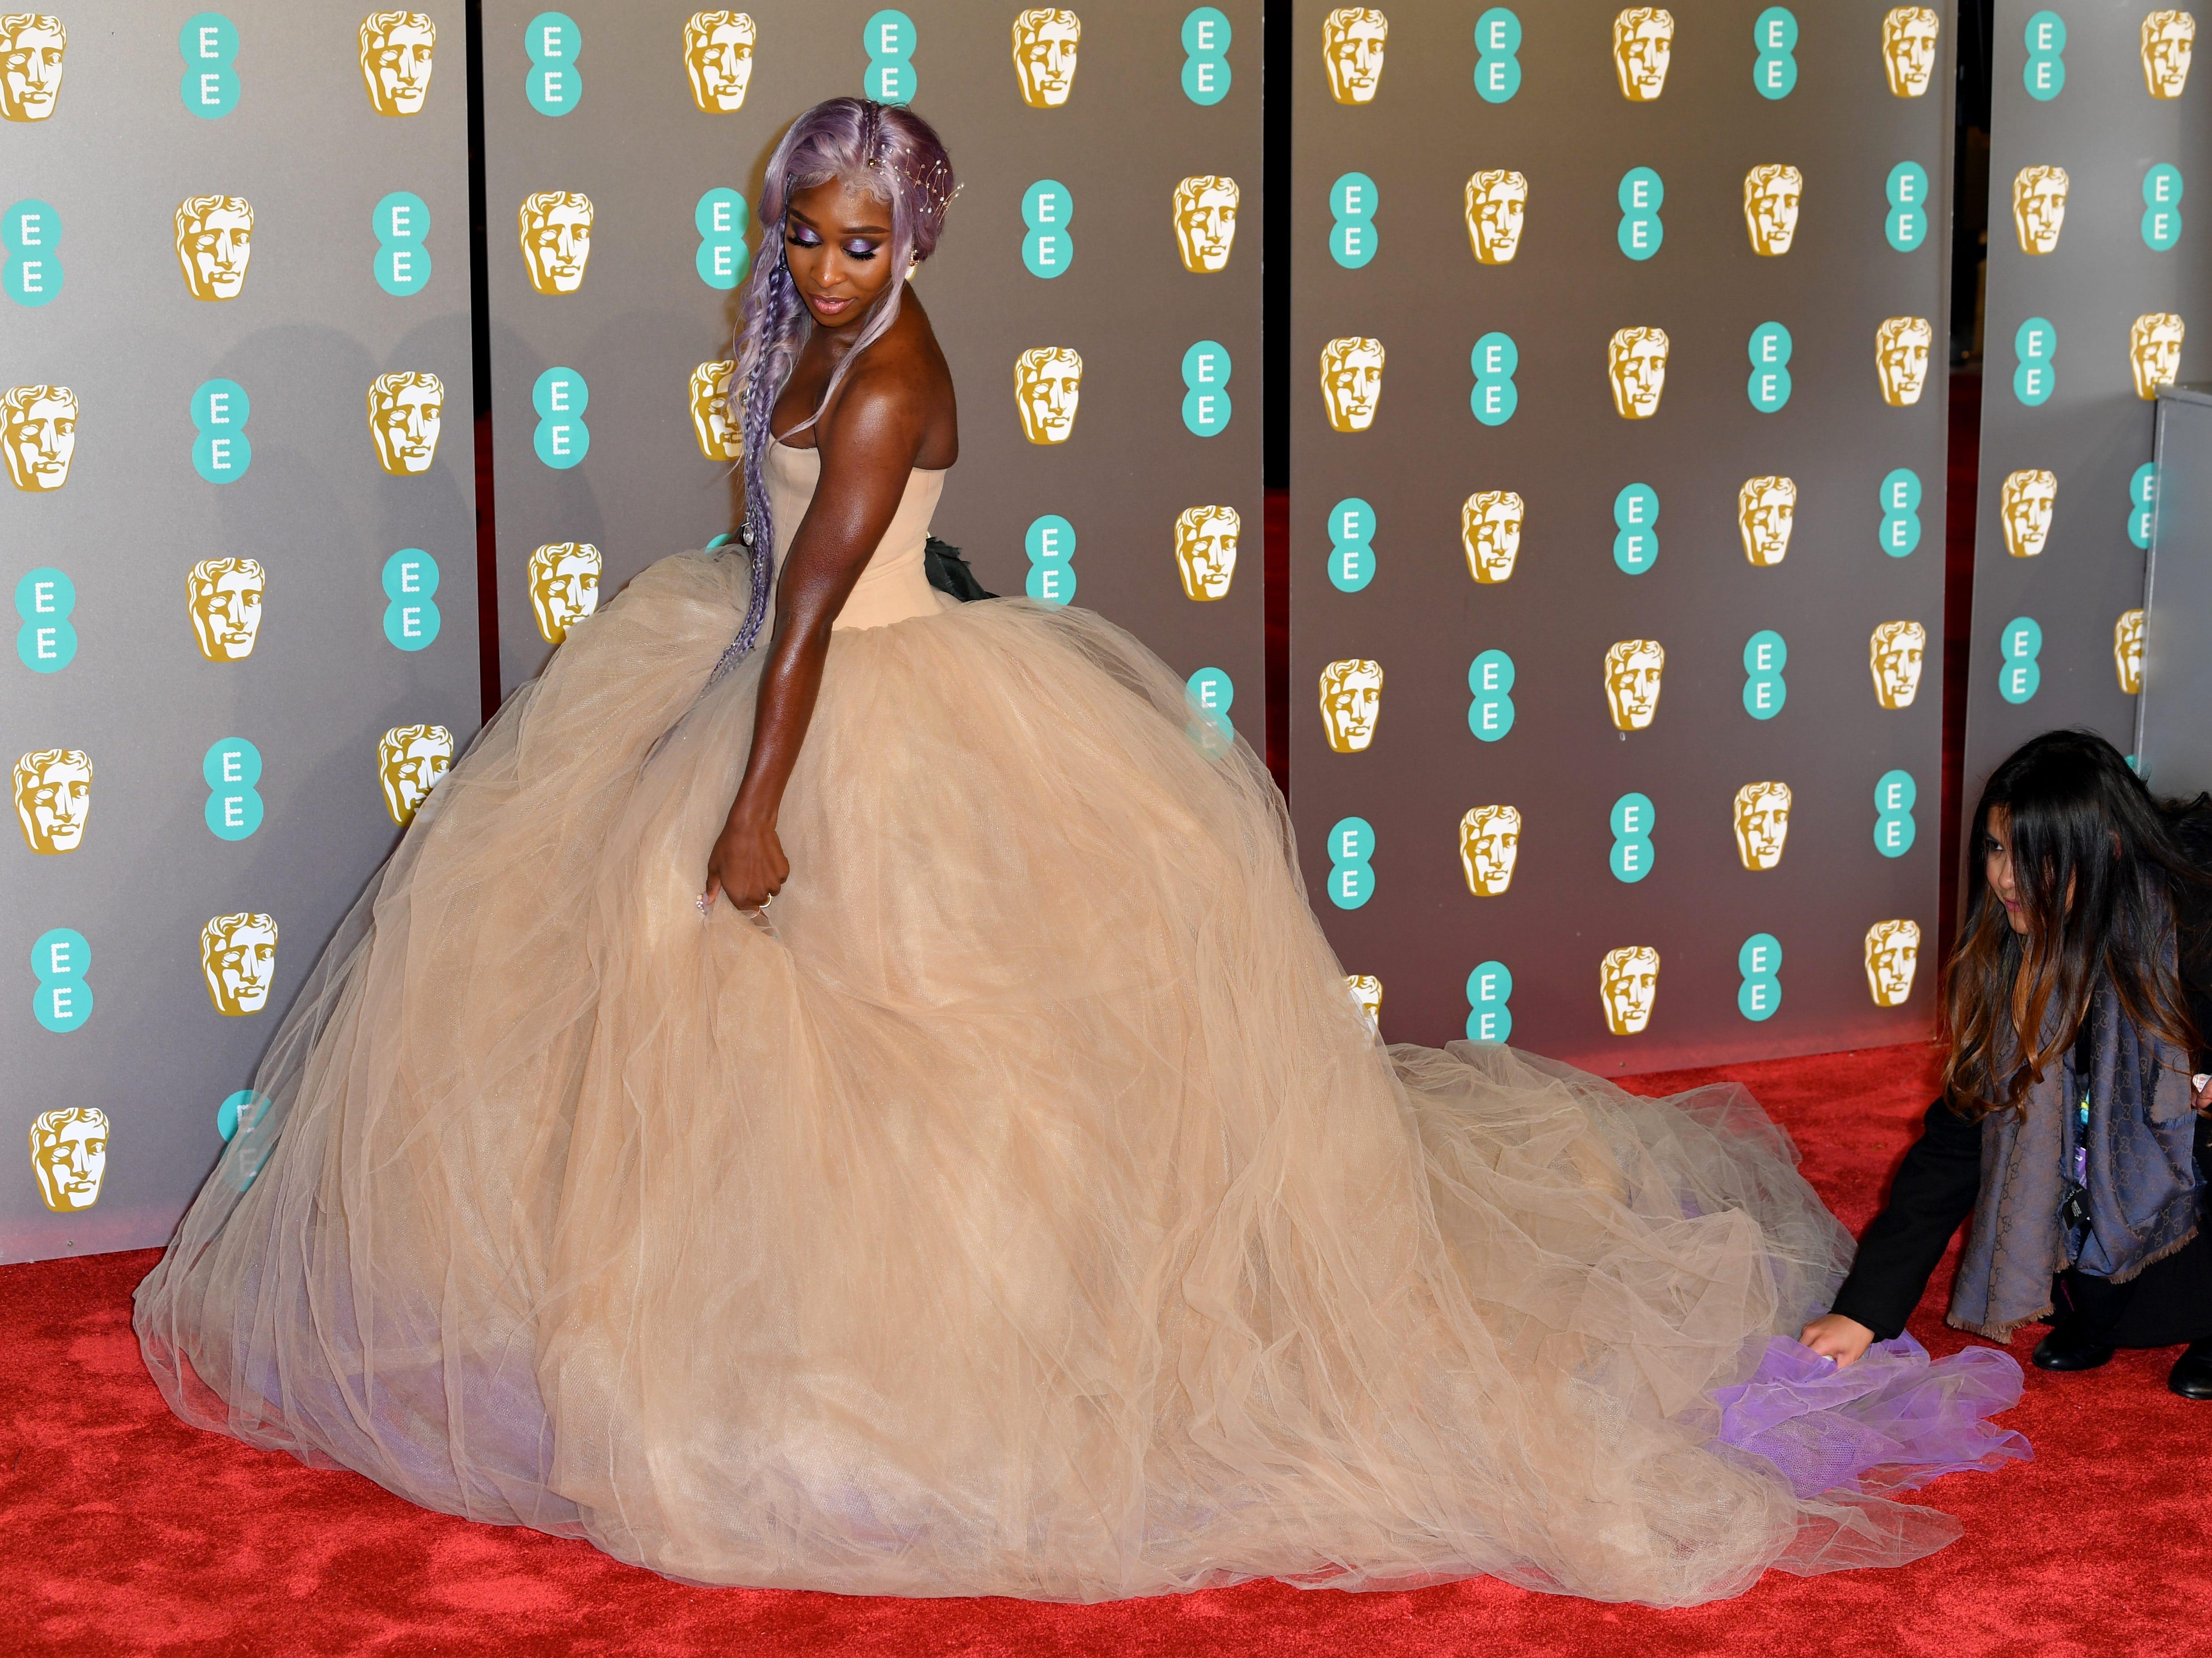 Cynthia Erivo a su llegada a la alfombra roja de los Premios de la Academia Británica de Cine BAFTA en el Royal Albert Hall en Londres el 10 de febrero de 2019.